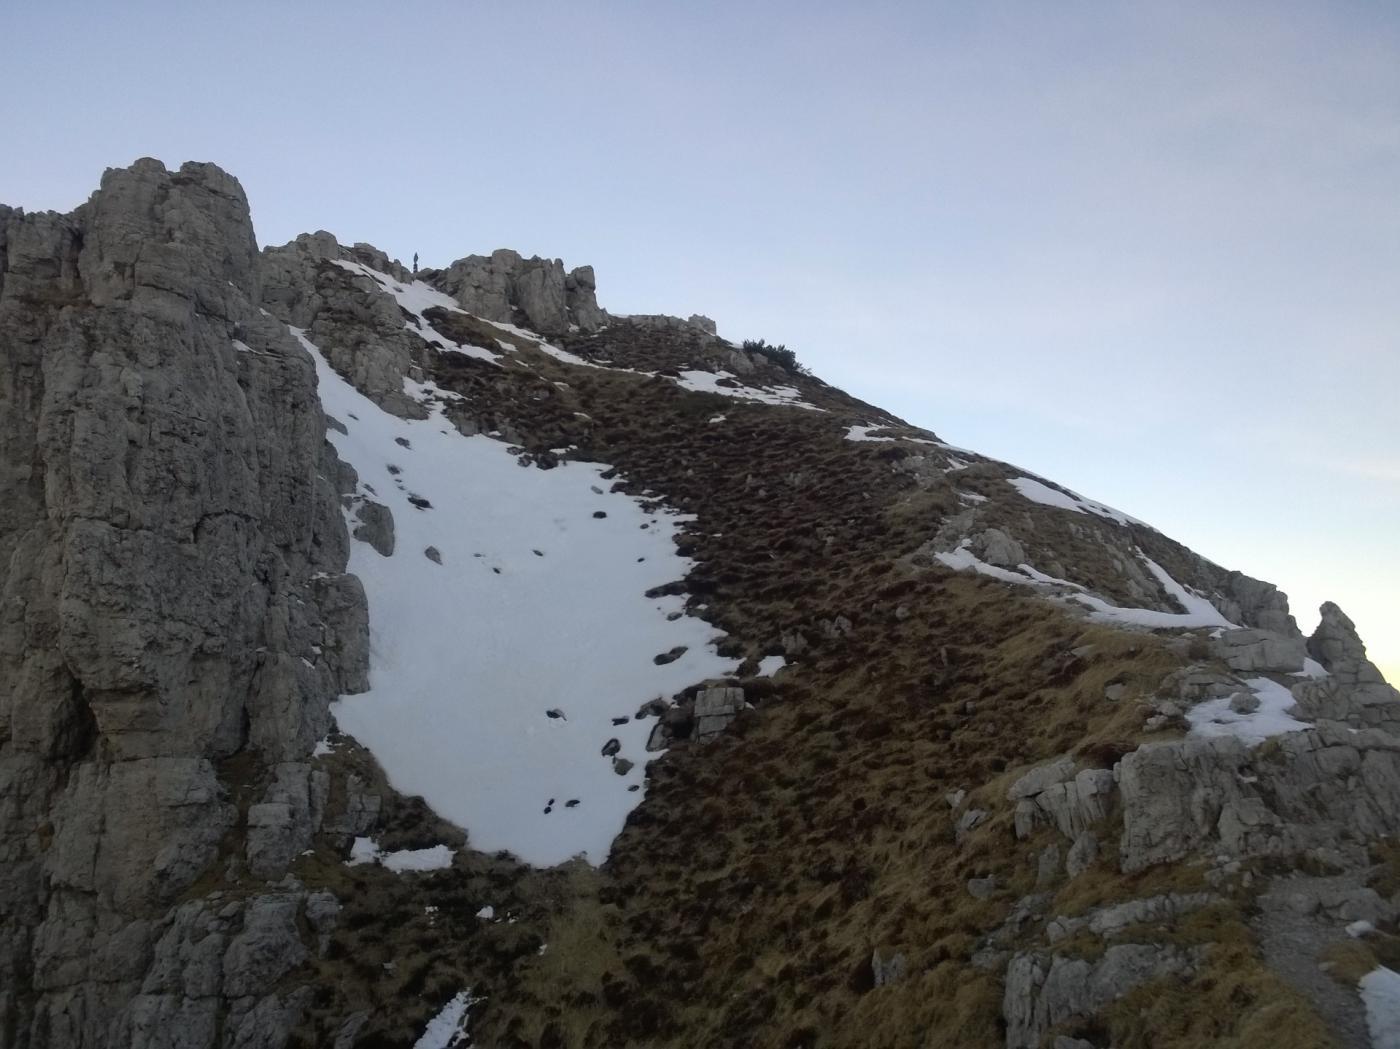 La cresta vista dall'uscita del canale